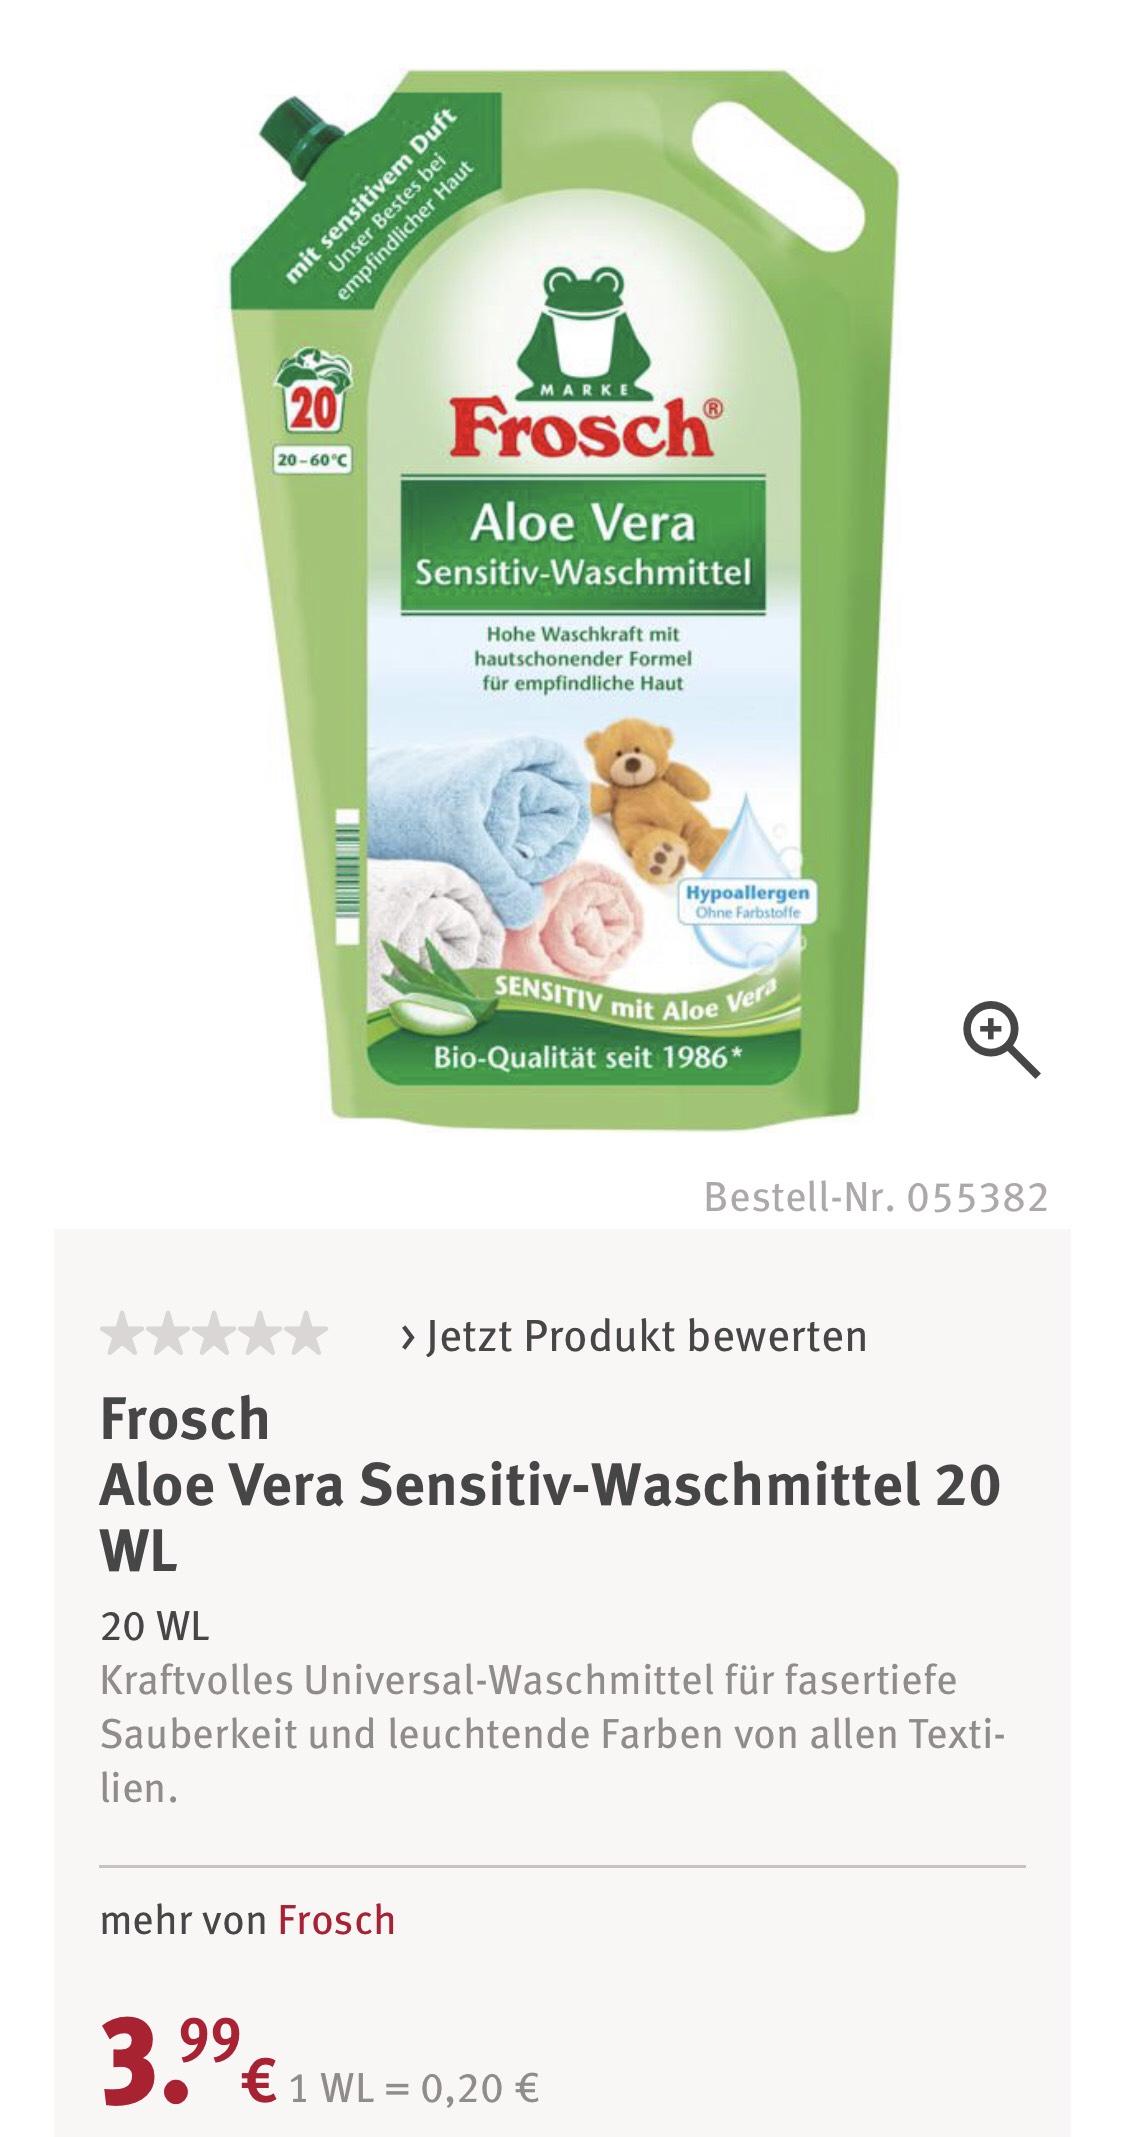 Frosch Waschmittel Aloevera Sensitiv Rossmann Green Label (+Marktguru für effektiv 1,35 Euro)